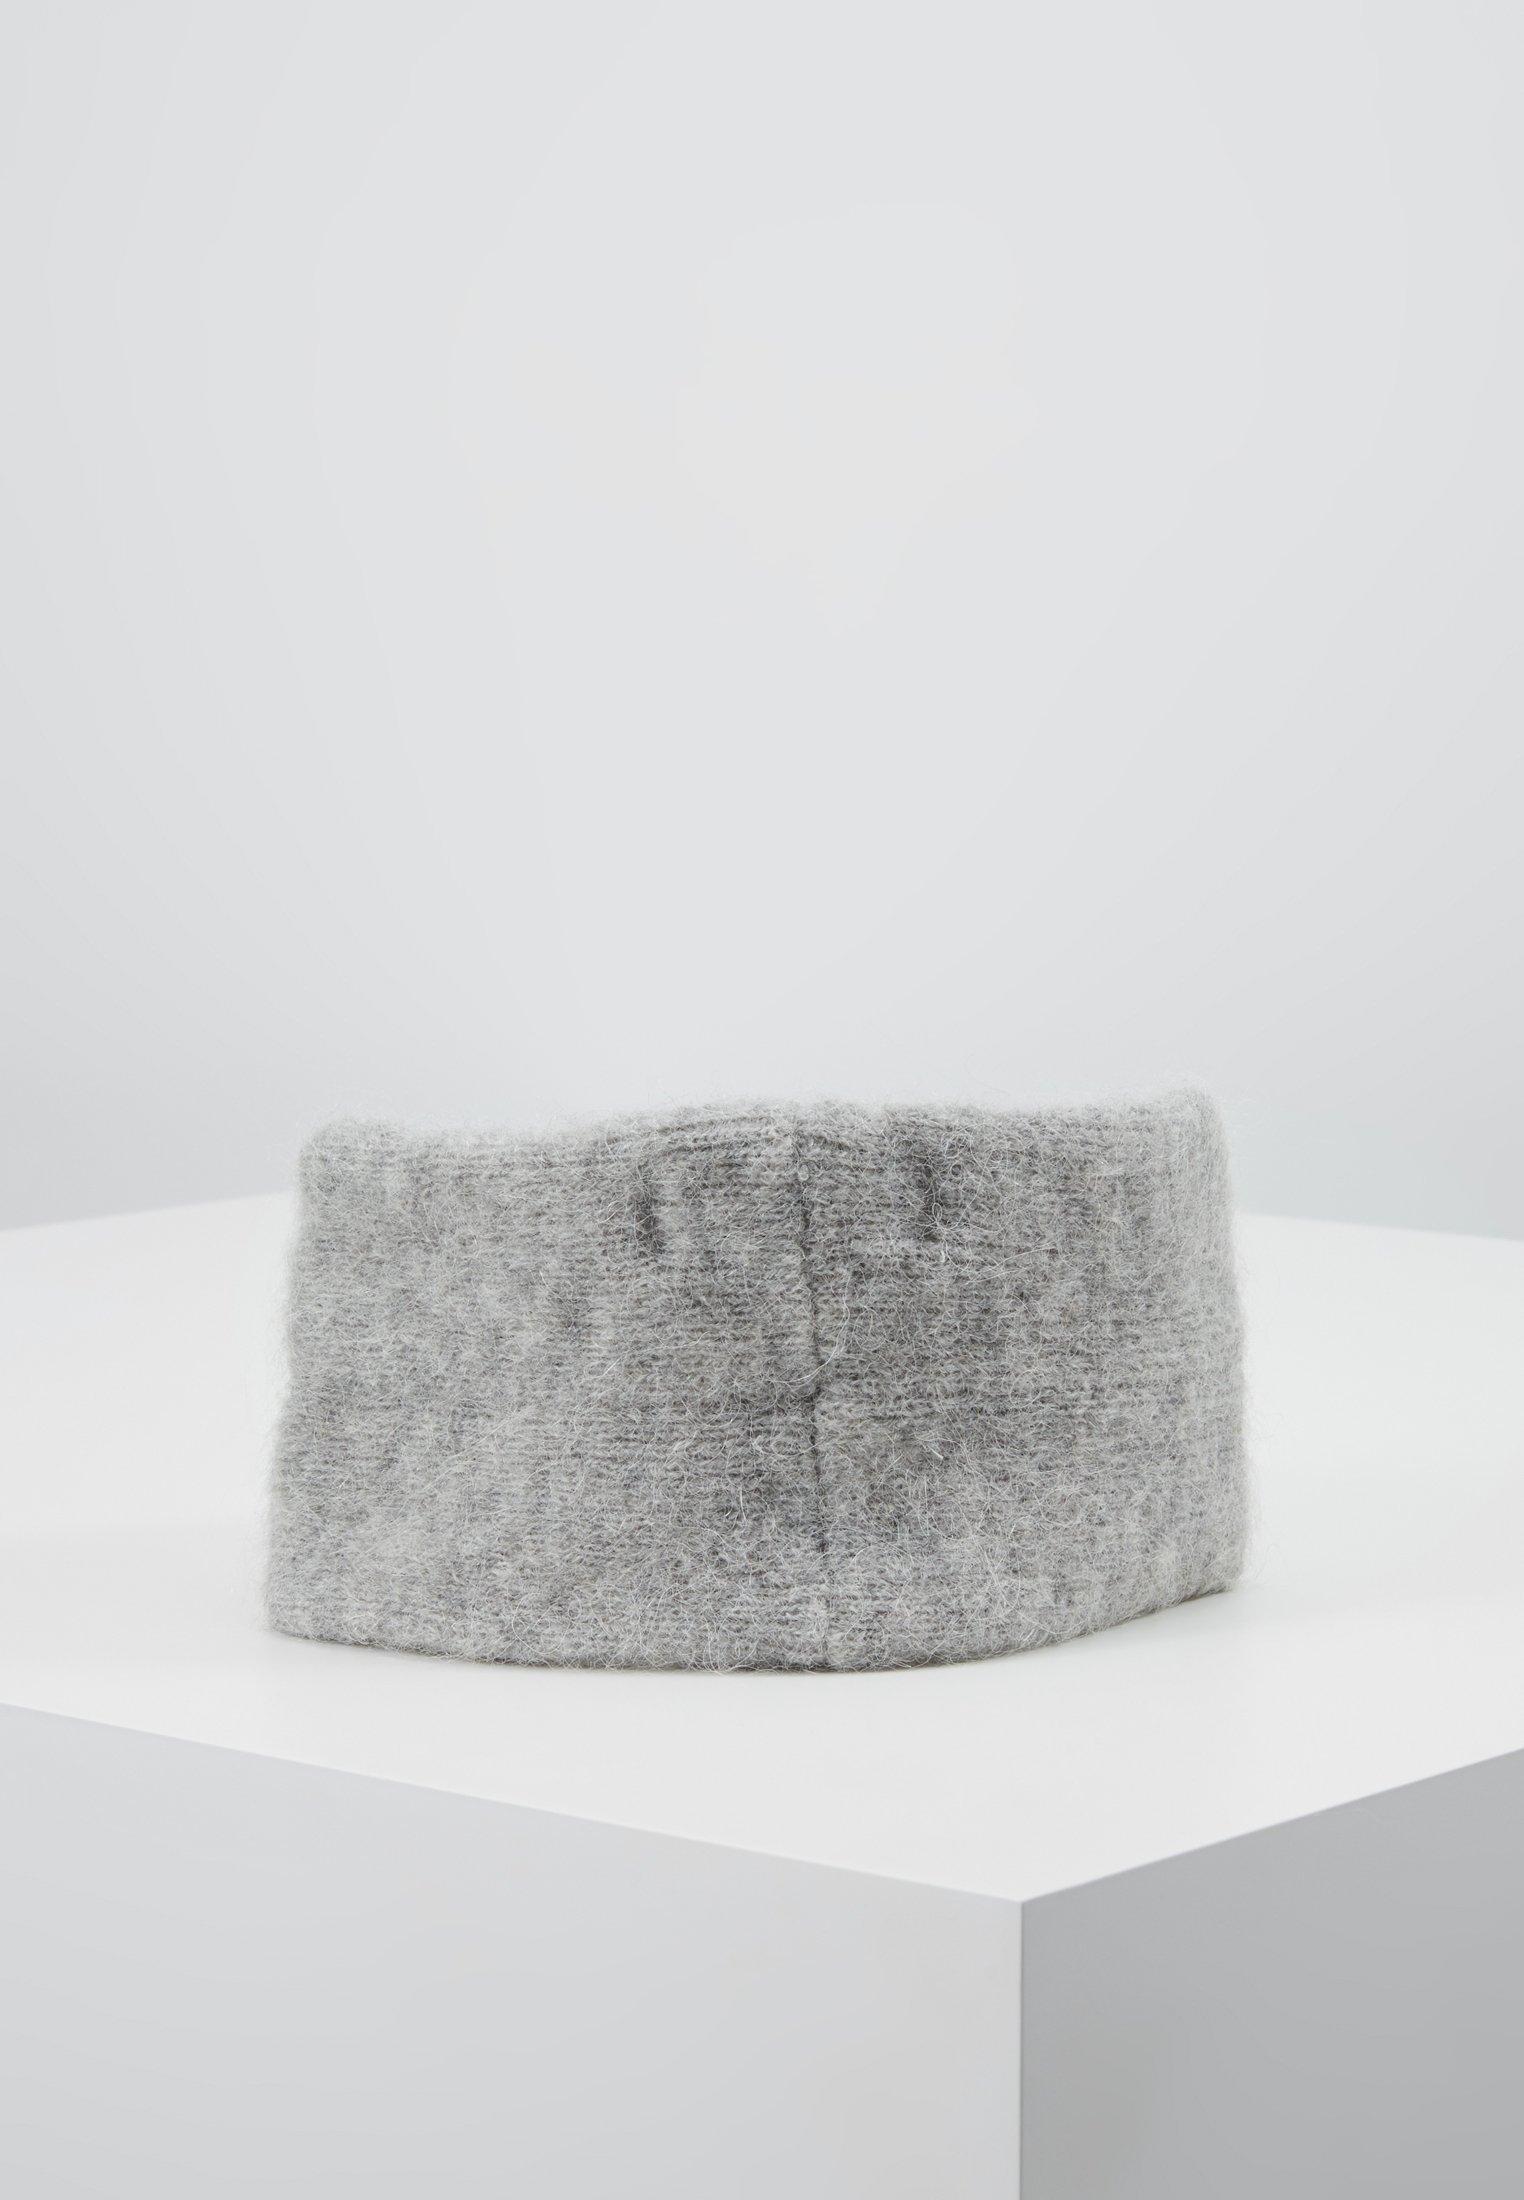 Moss Copenhagen KIKKA HEADBAND - Ørevarmere - light grey/lysgrå MxT6mVogPCWOsxu